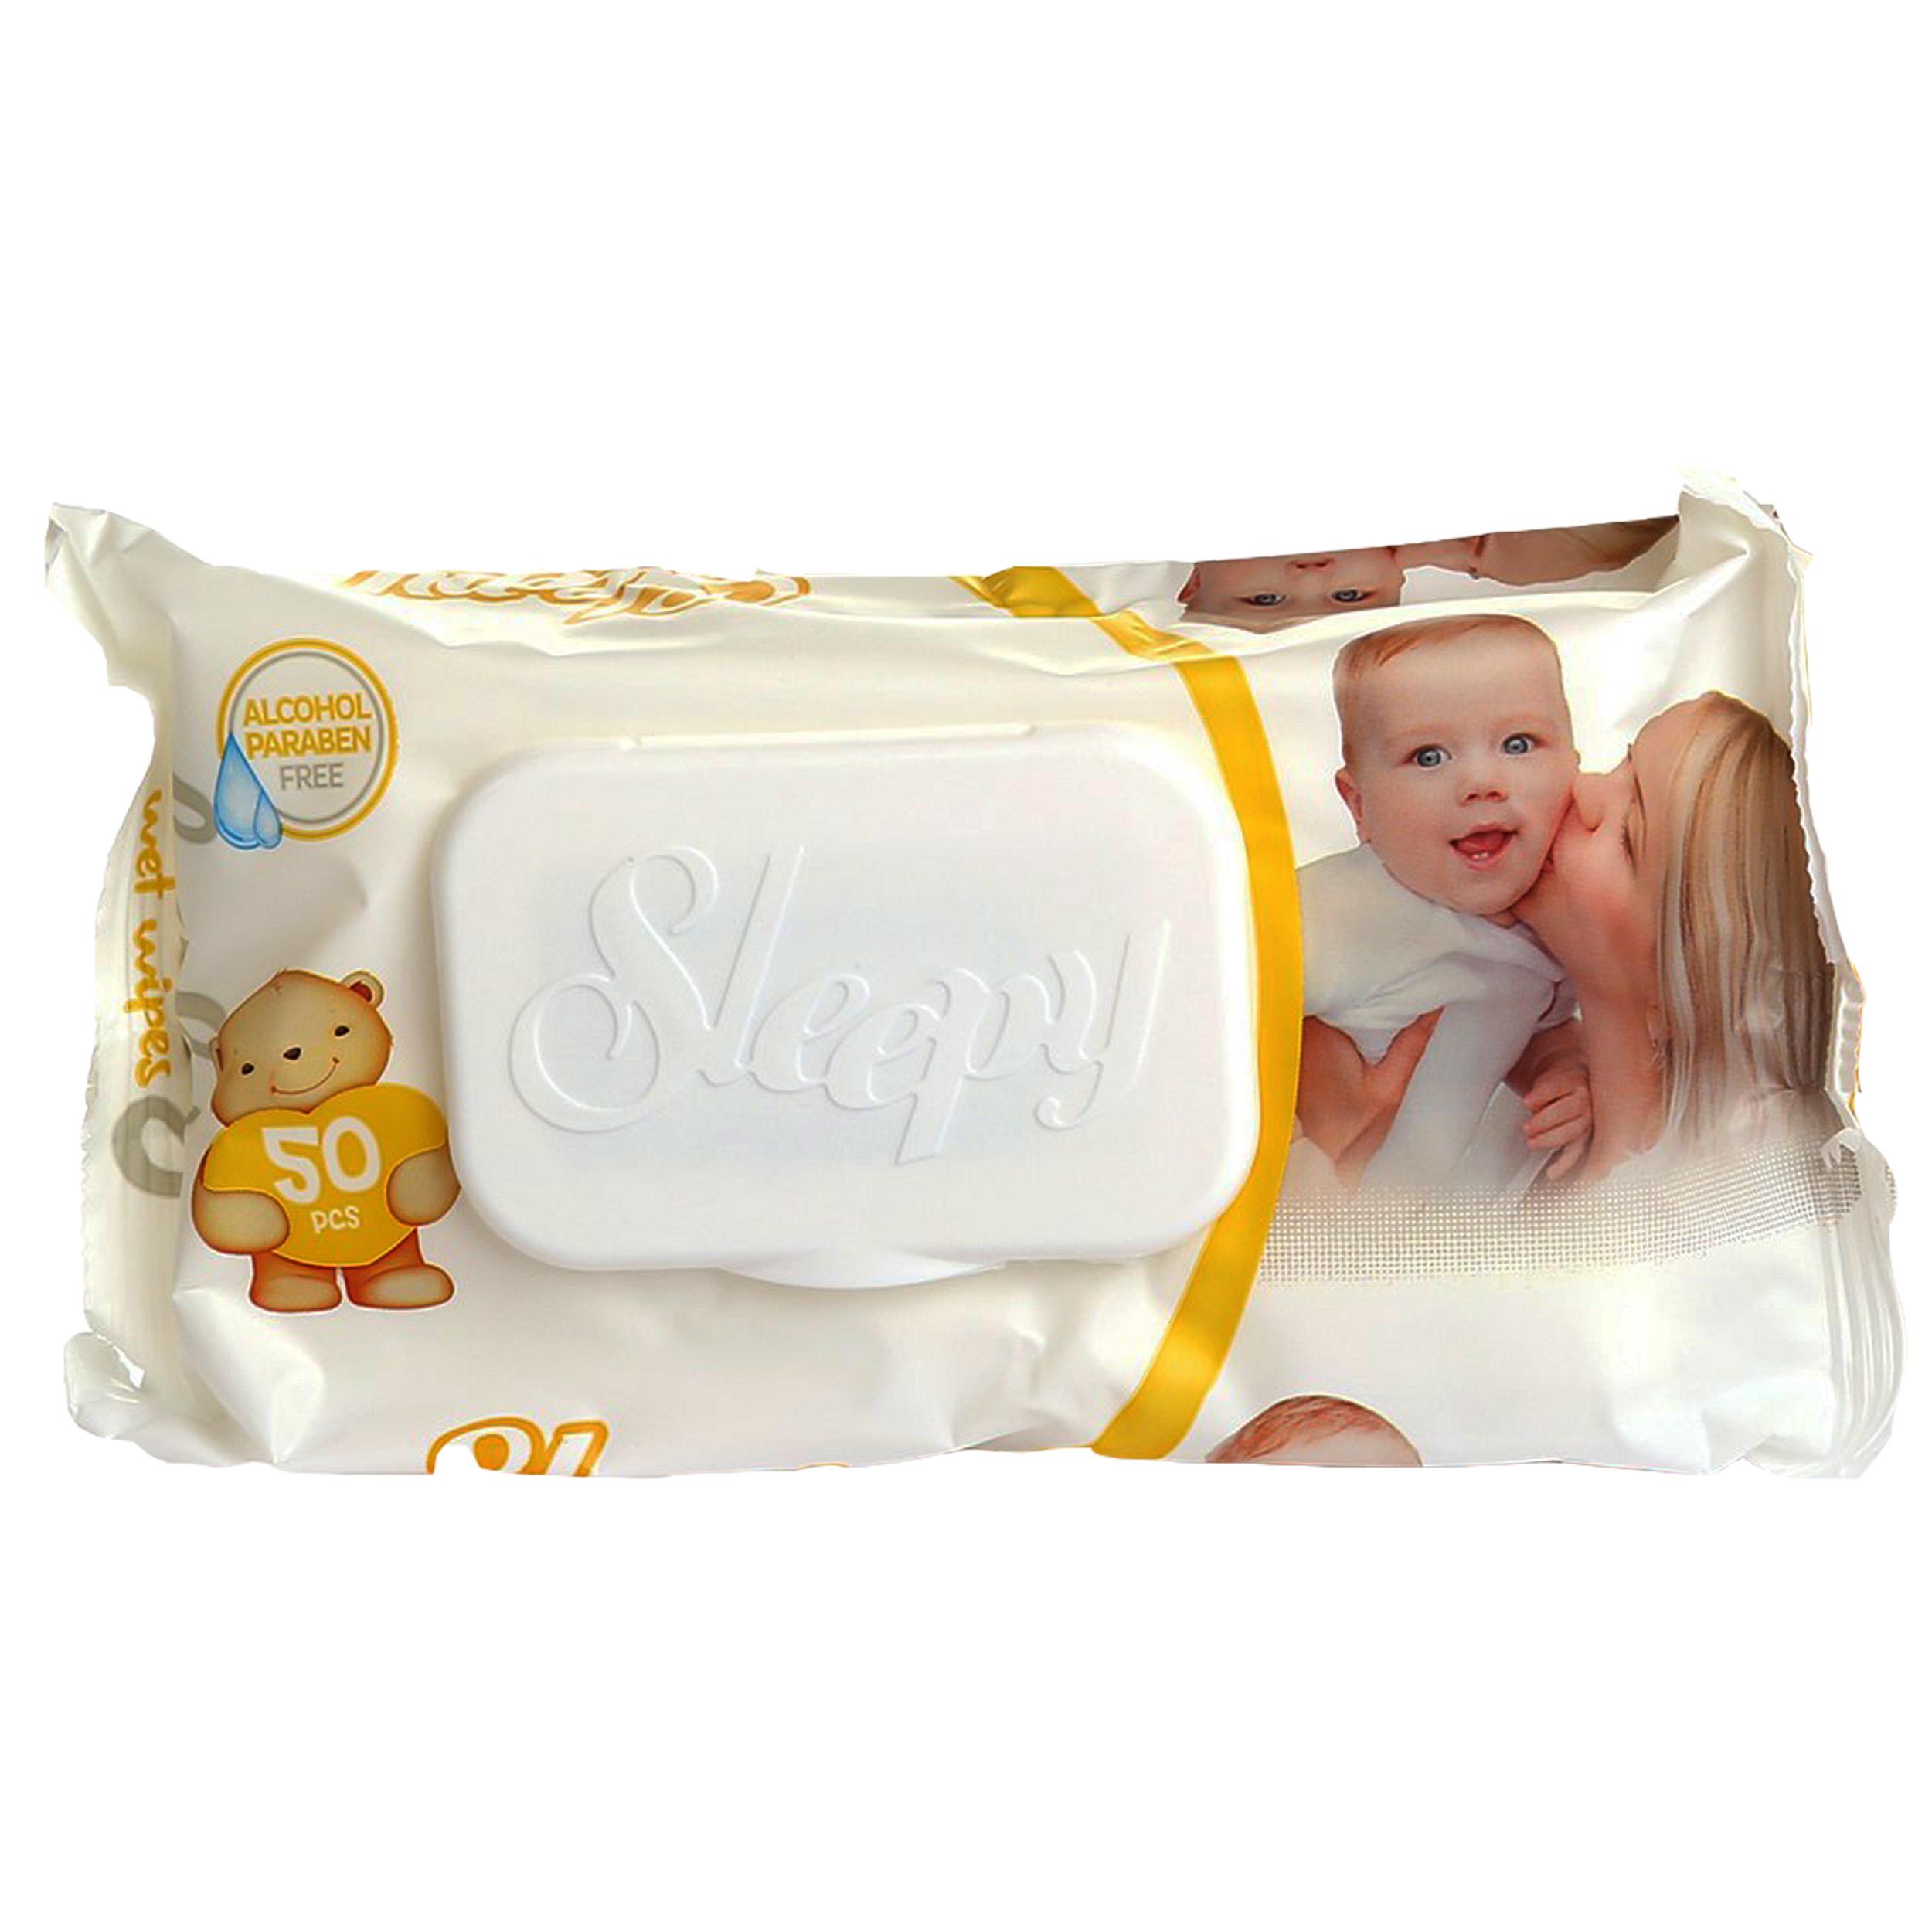 دستمال مرطوب کودک اسلیپی مدل AB120/06 بسته 50 عددی